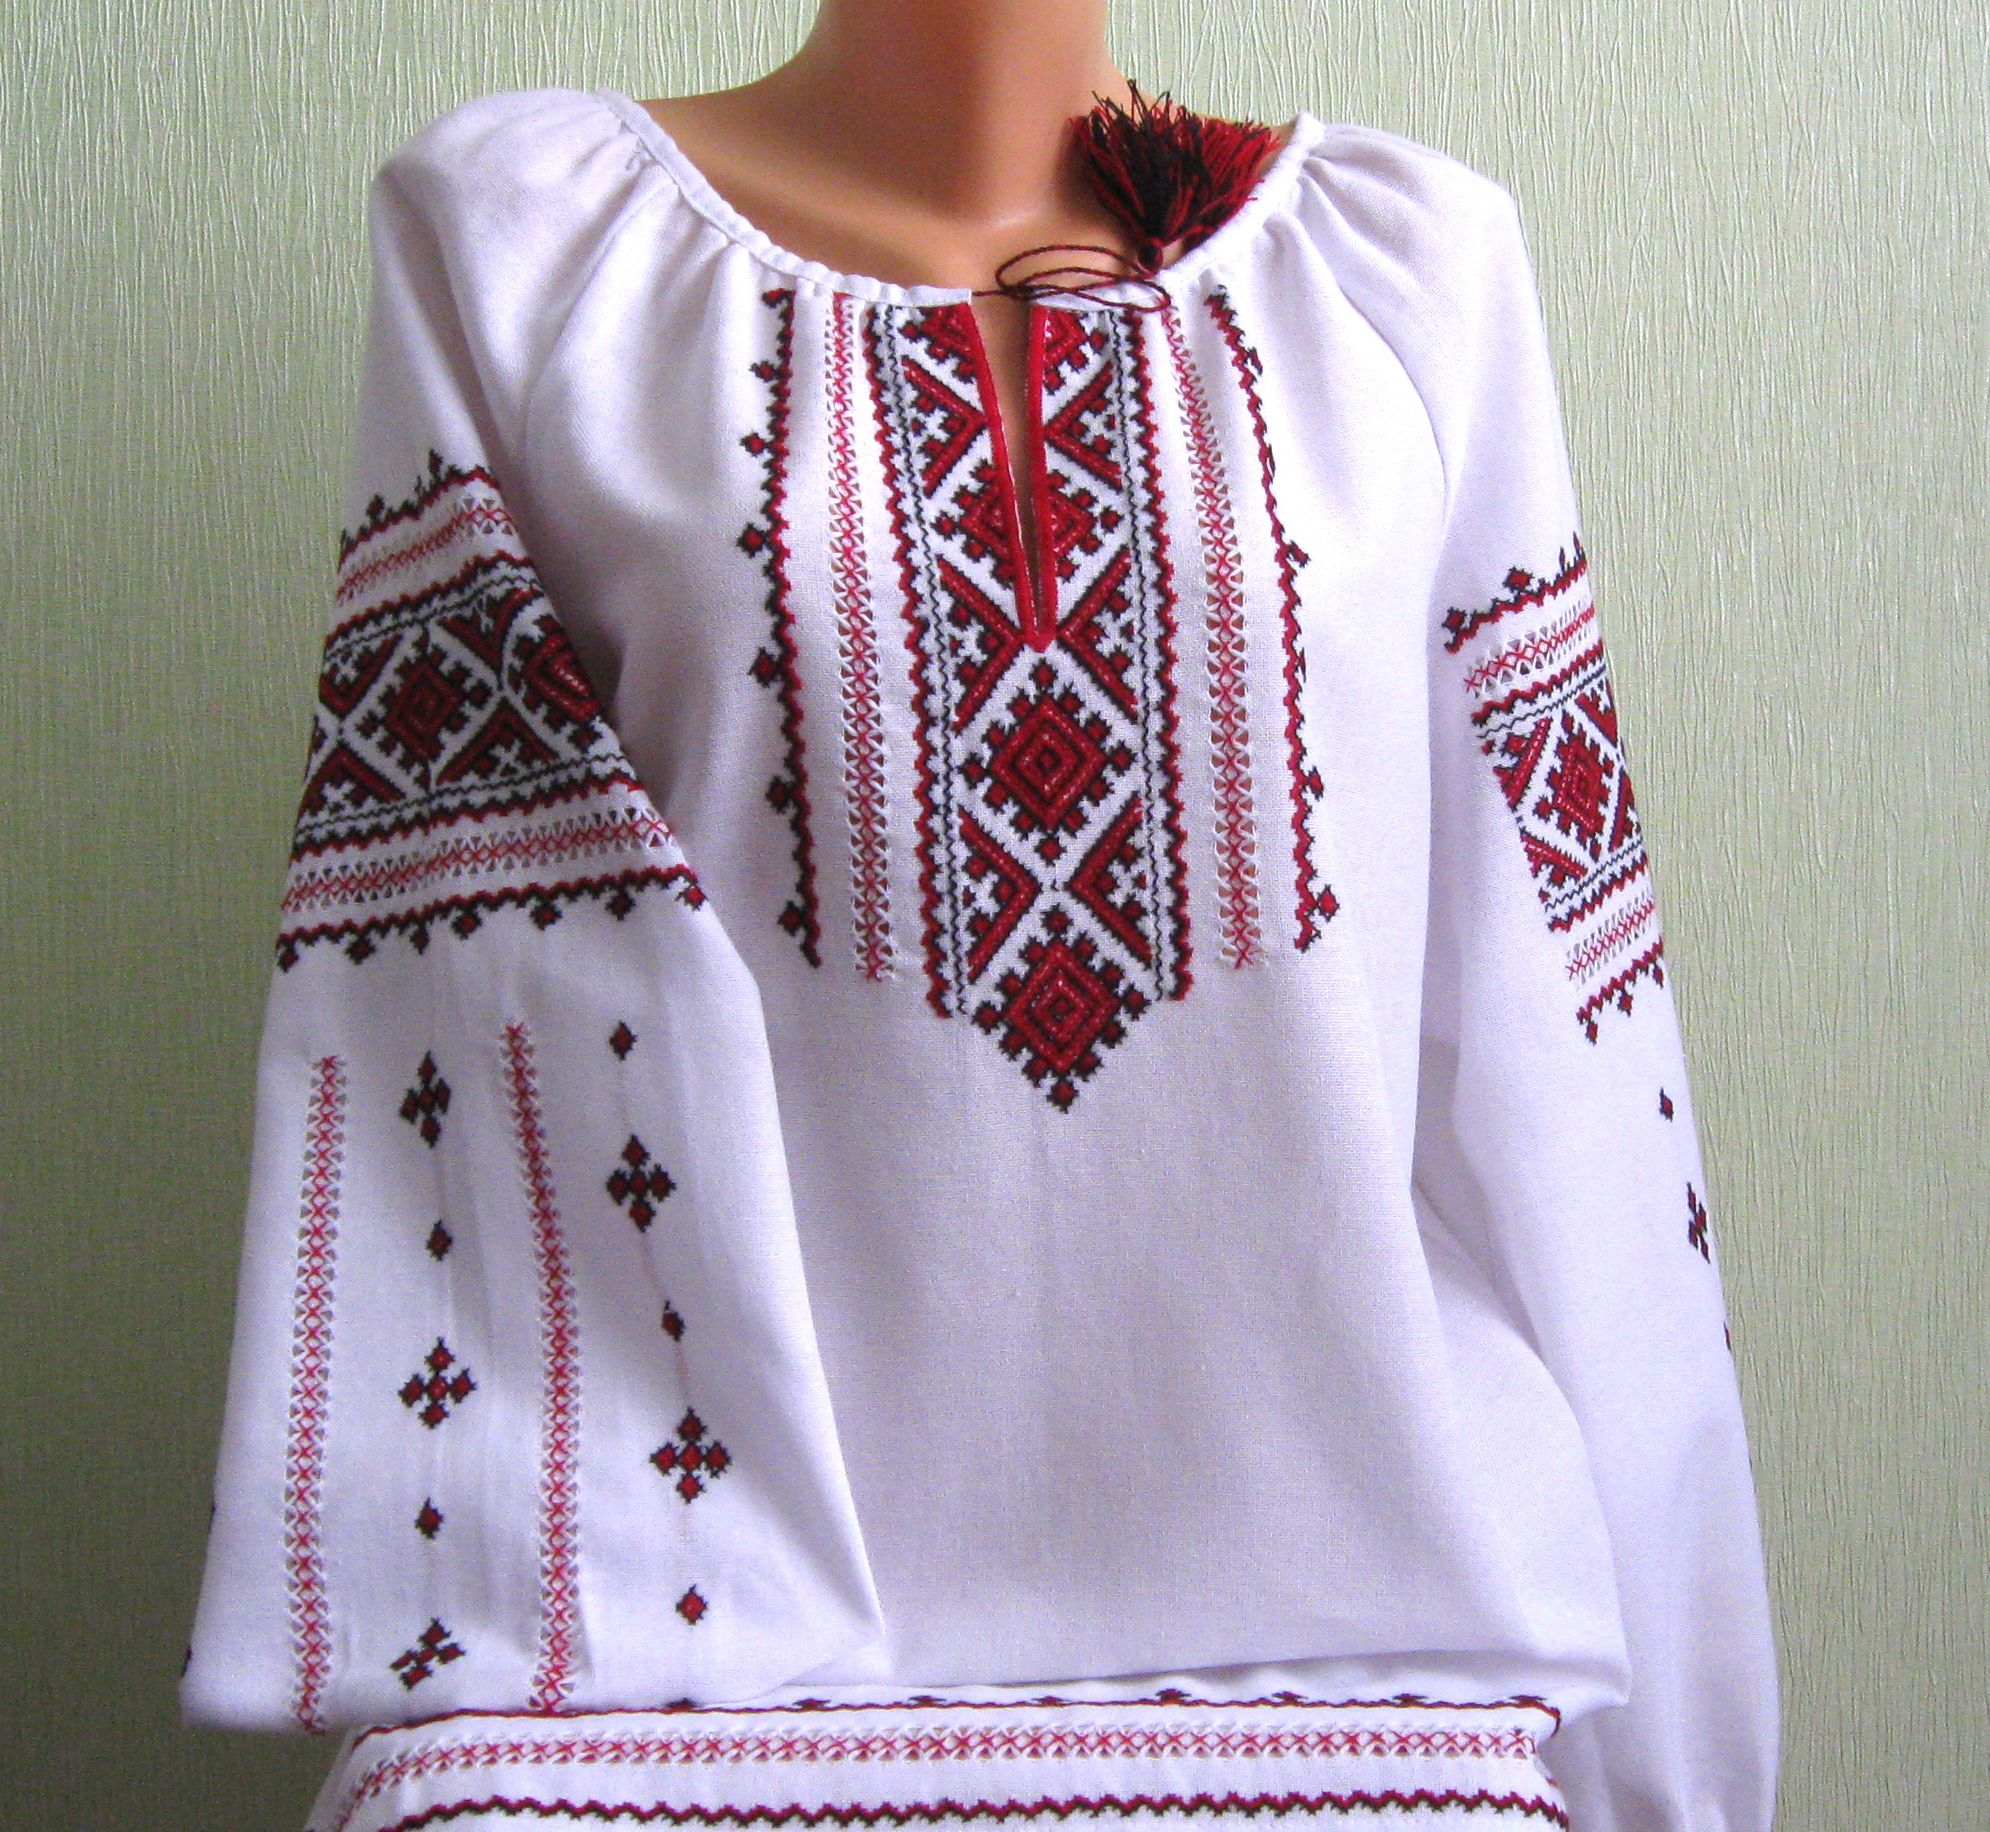 сорочка жіноча вишита ручної роботи - Товари - Вишиванки ручної ... b92ab20c64da6